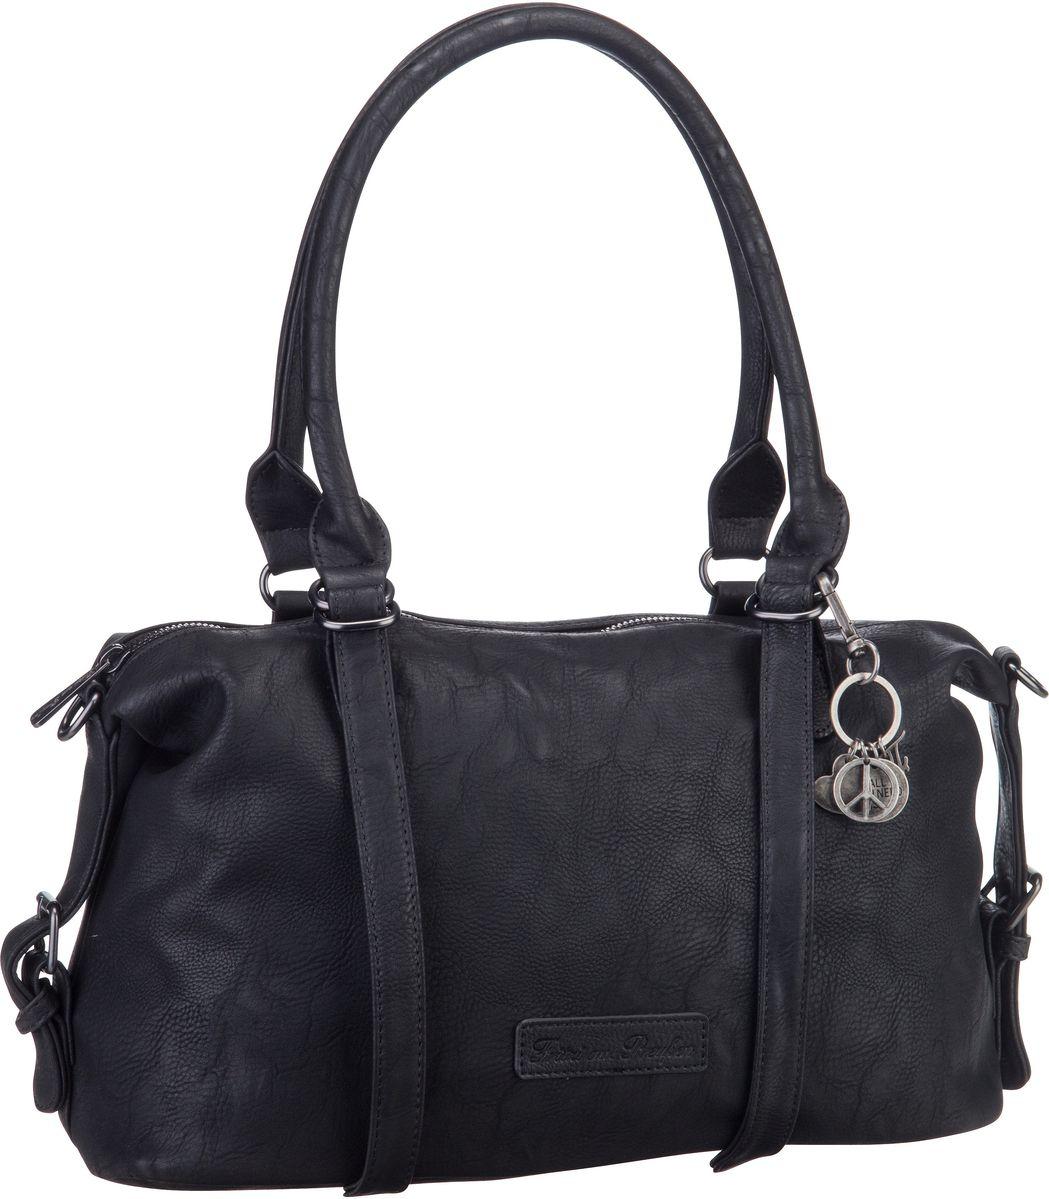 Handtasche Linda Saddle Black